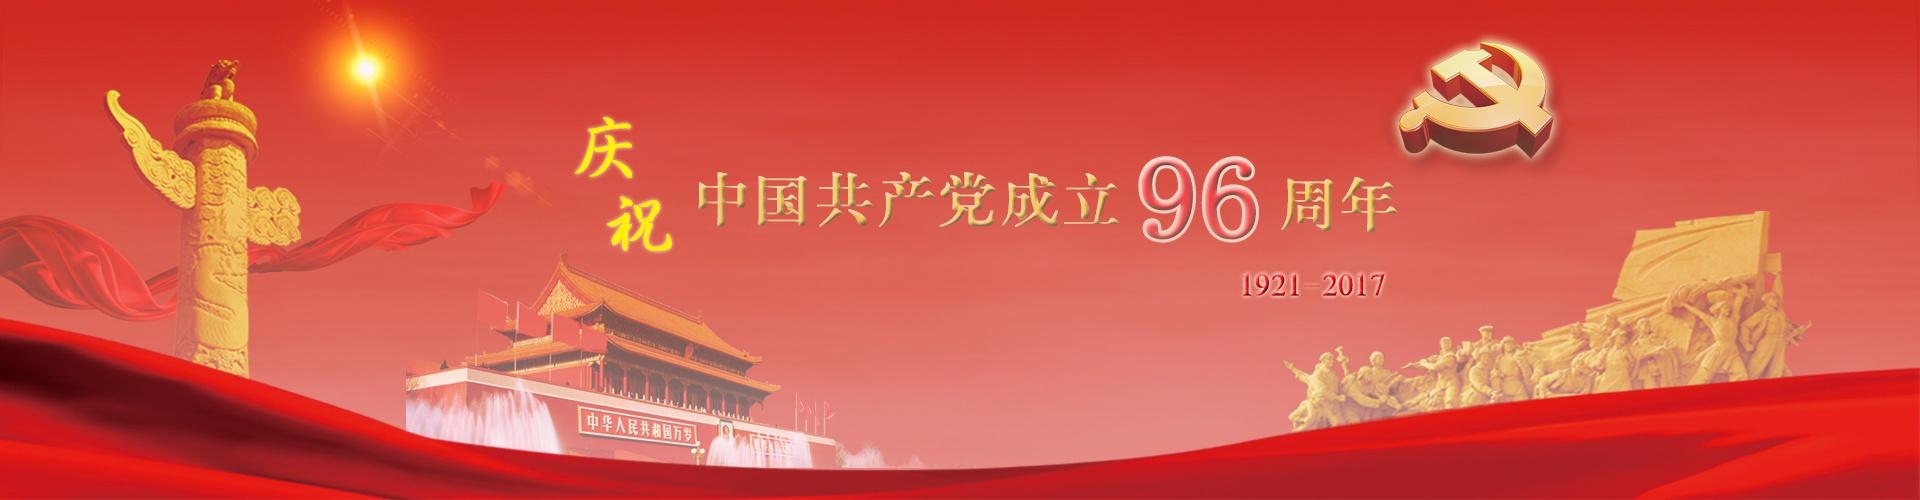 中国共产党成立96周年